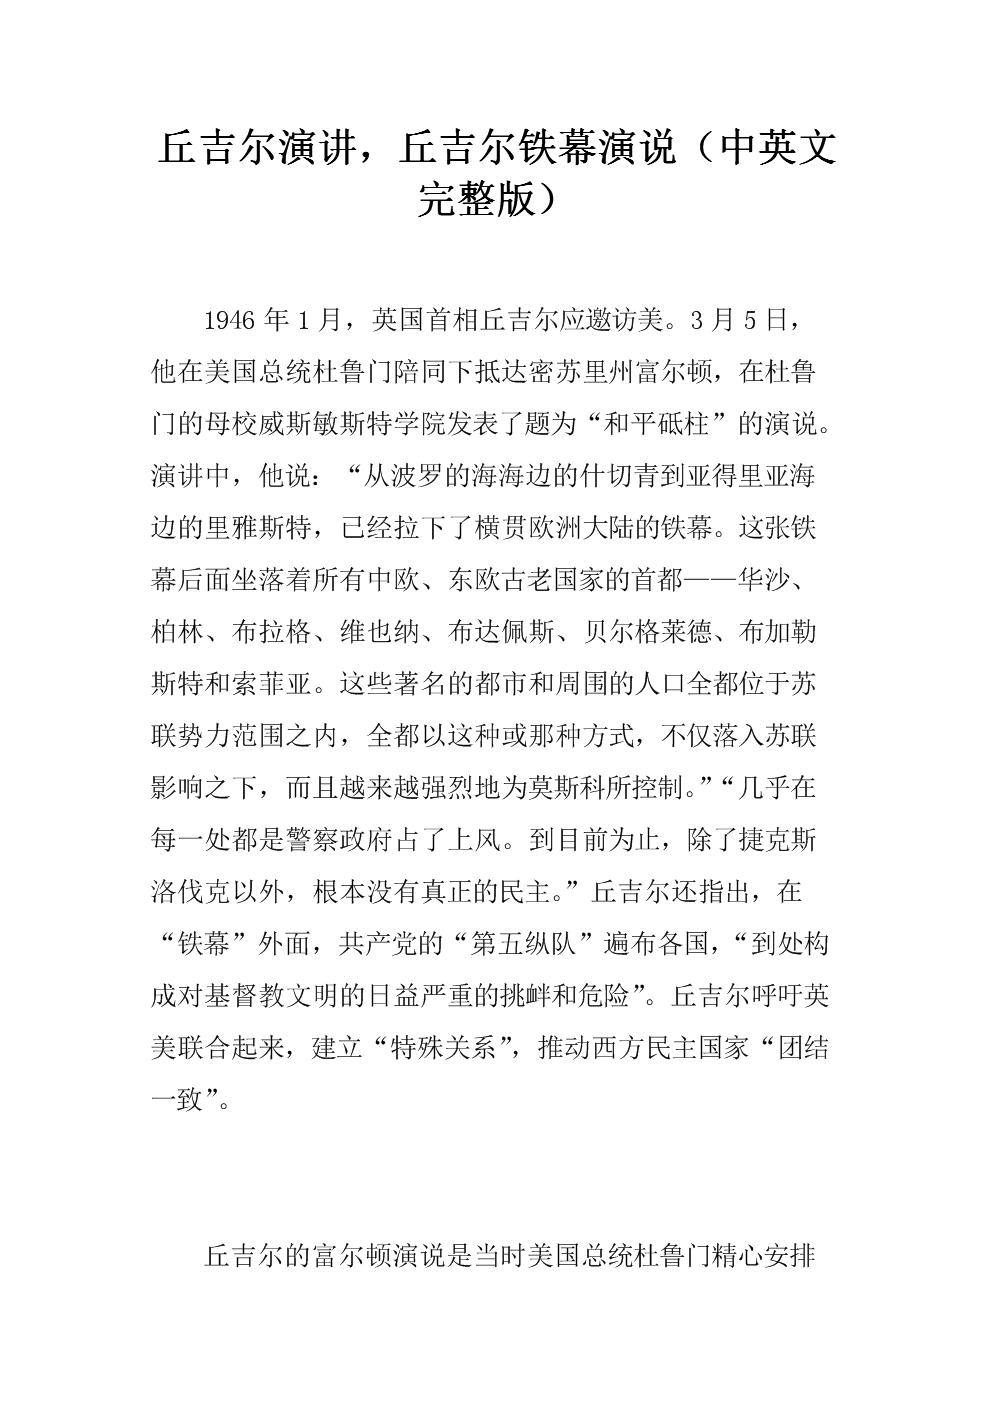 丘吉尔演讲,丘吉尔铁幕演说(中英文完整版).docx